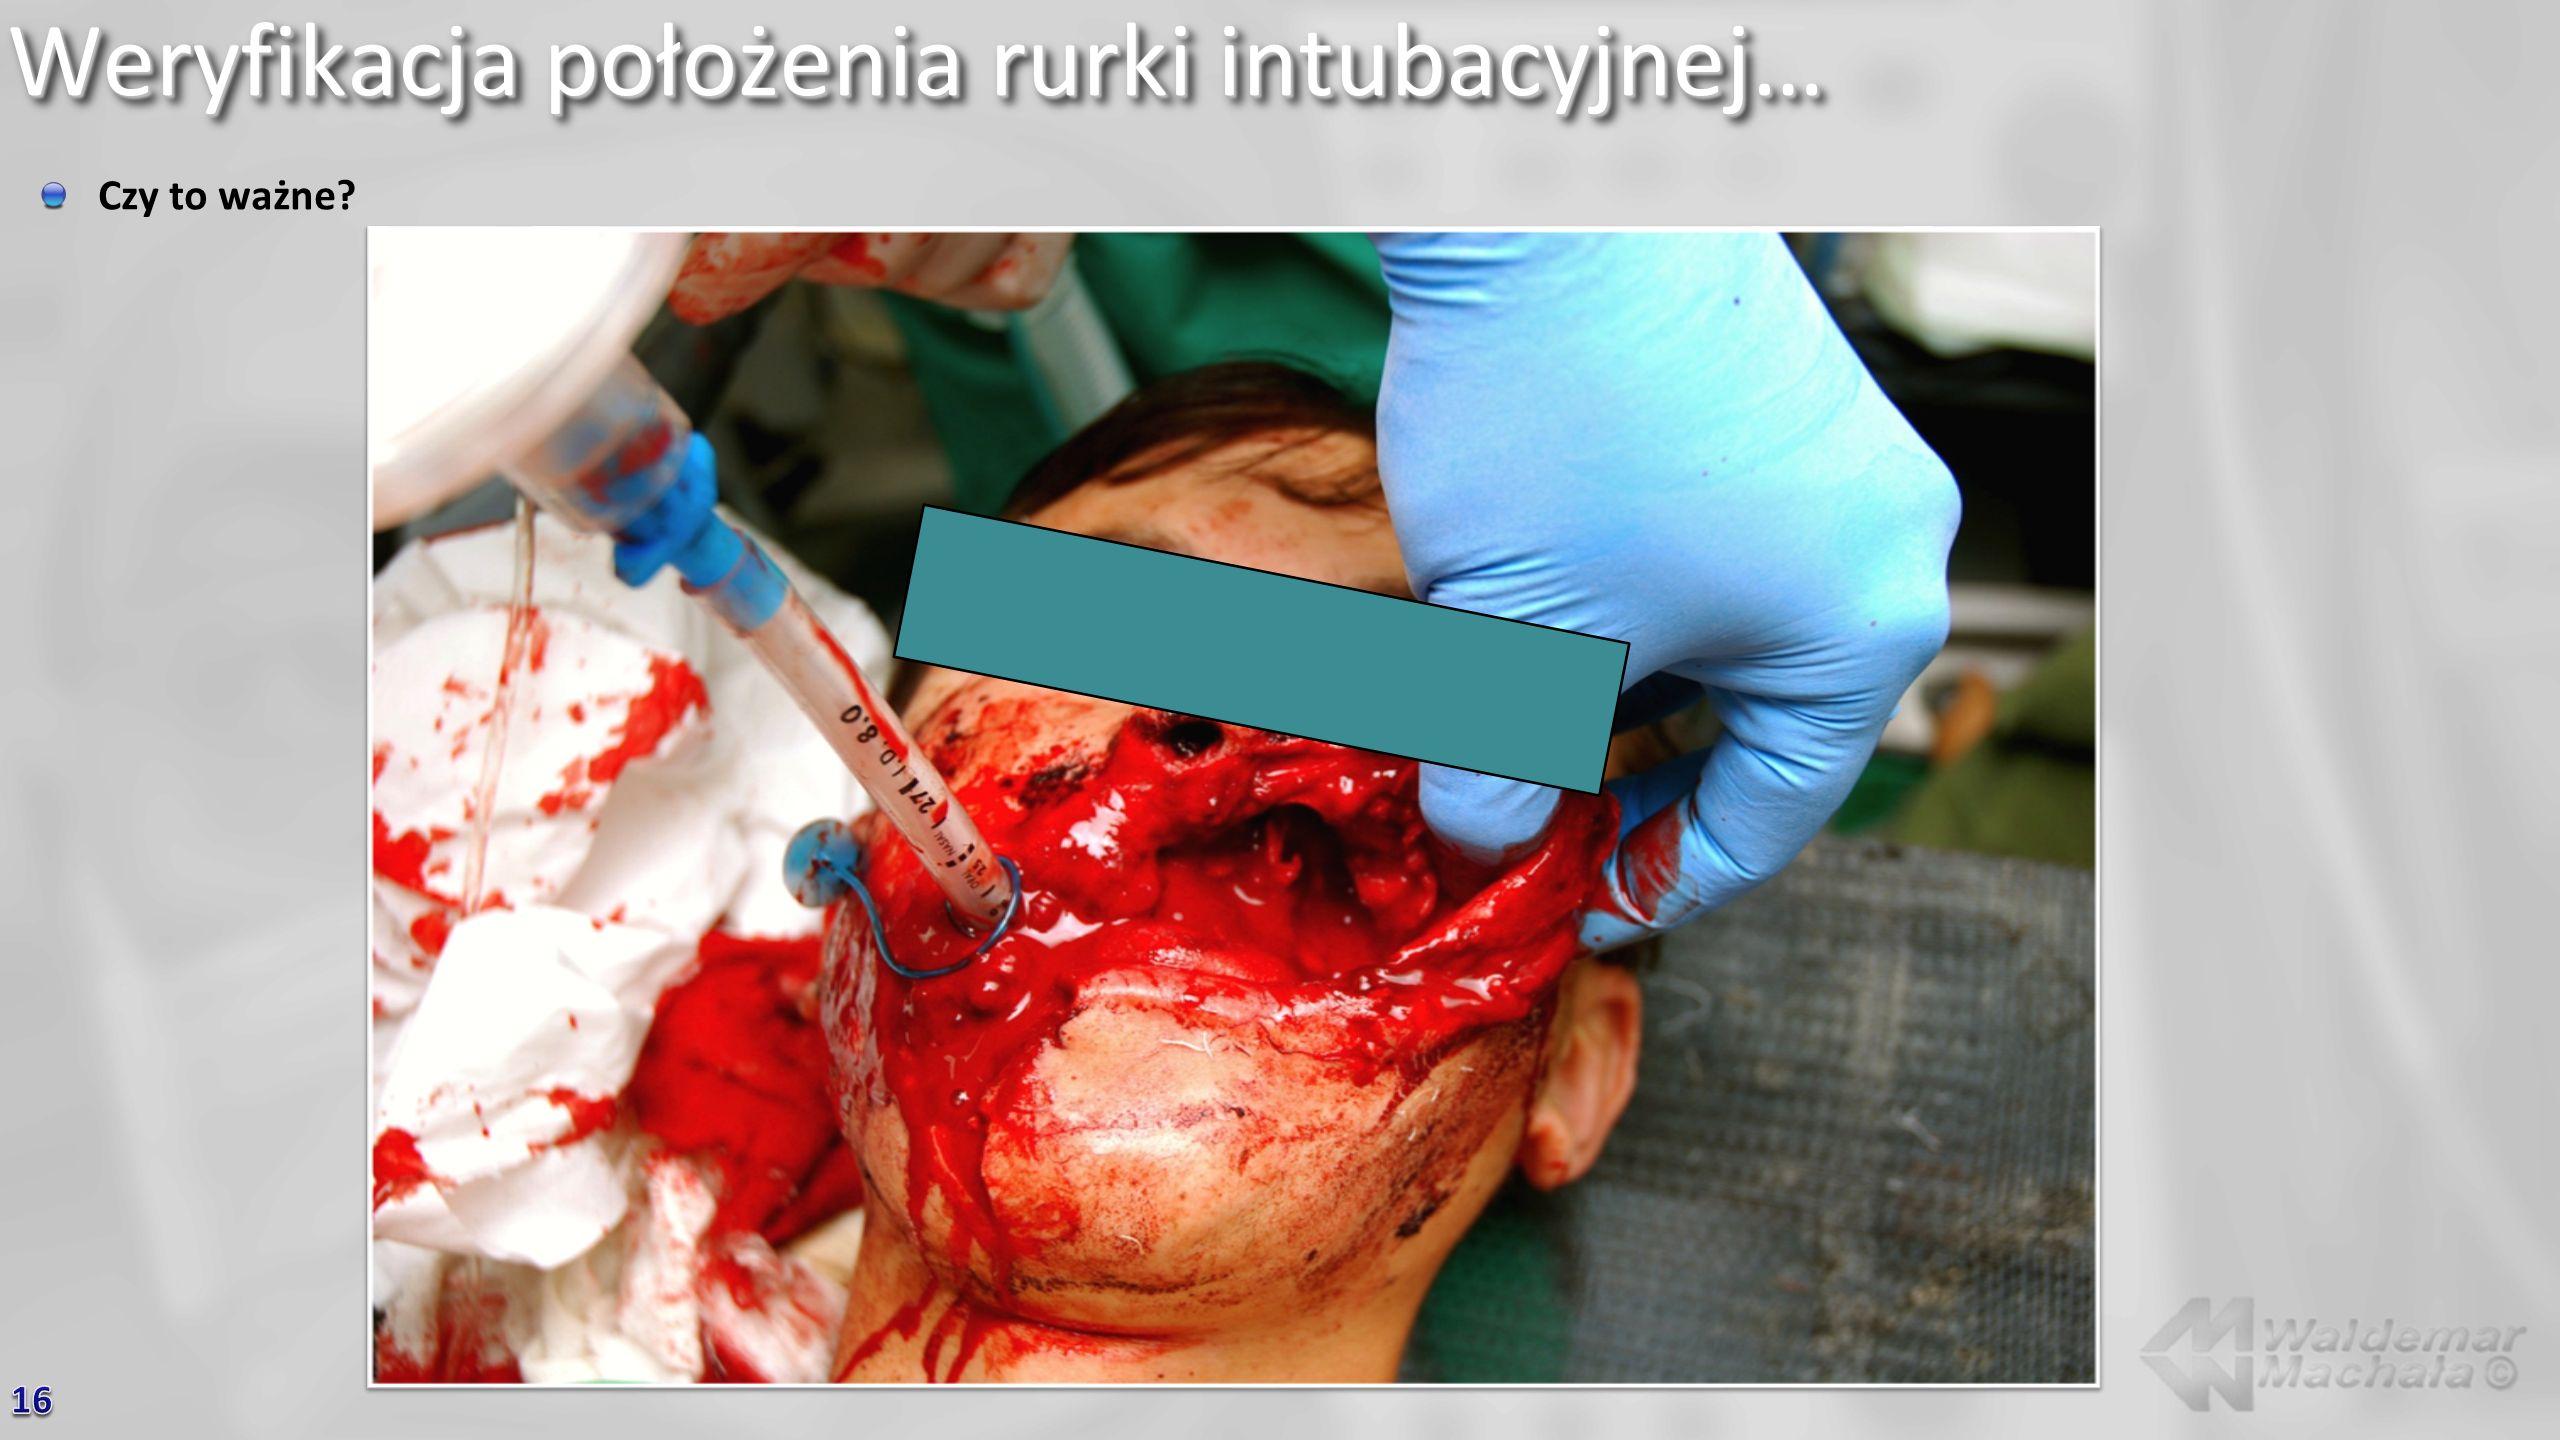 Weryfikacja położenia rurki intubacyjnej… Czy to ważne?